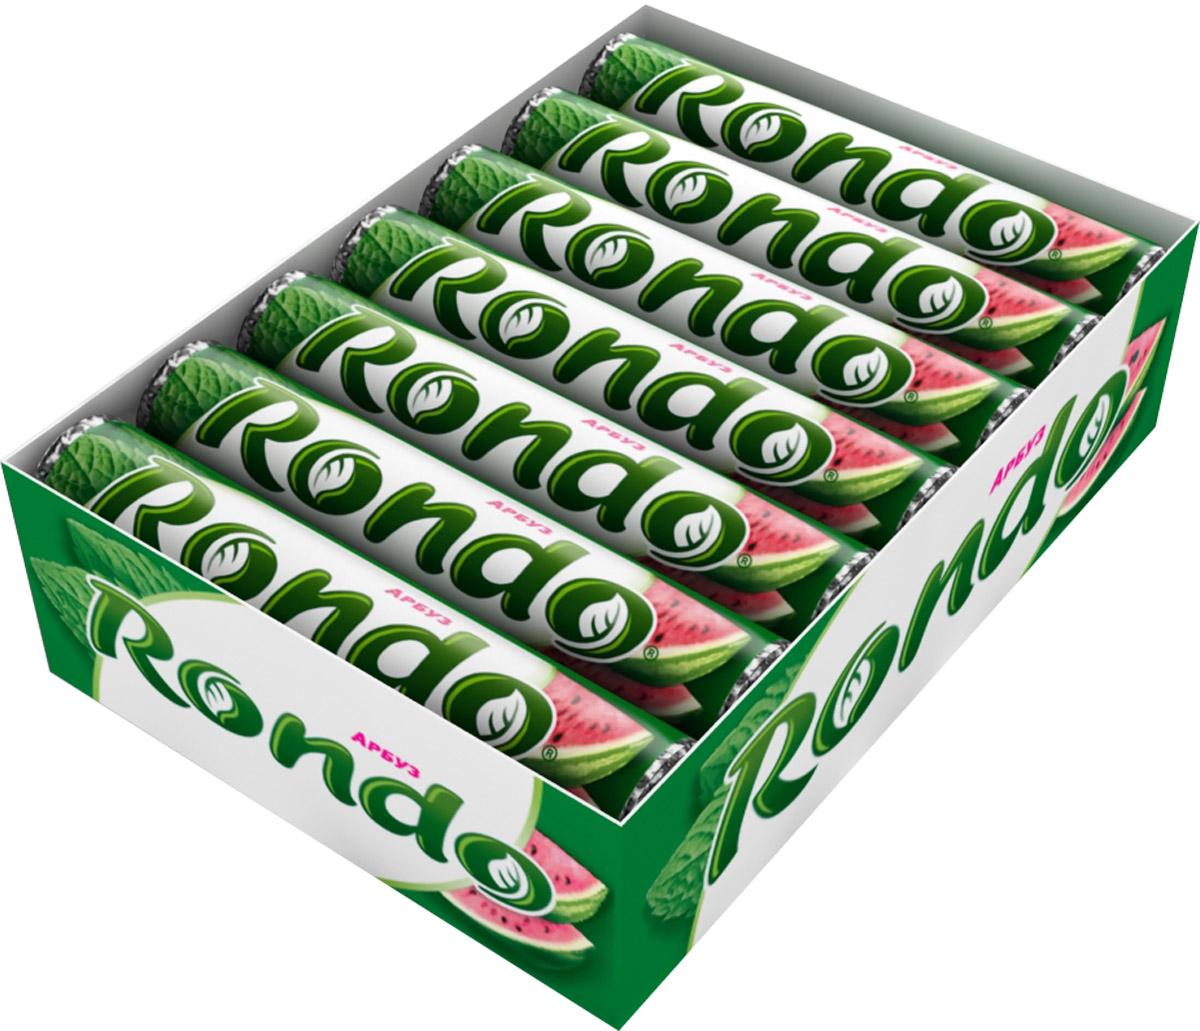 Rondo Арбуз освежающие конфеты, 14 пачек по 30 г5000159437011Мятные конфеты Rondo с ароматом арбуза освежают дыхание и делают день слаще! Уникальный продукт, созданный в 1996 году специально для российских потребителей, по-прежнему остается одним из любимых оружий против несвежего дыхания. Свежее дыхание облегчает понимание! Уважаемые клиенты! Обращаем ваше внимание, что полный перечень состава продукта представлен на дополнительном изображении.